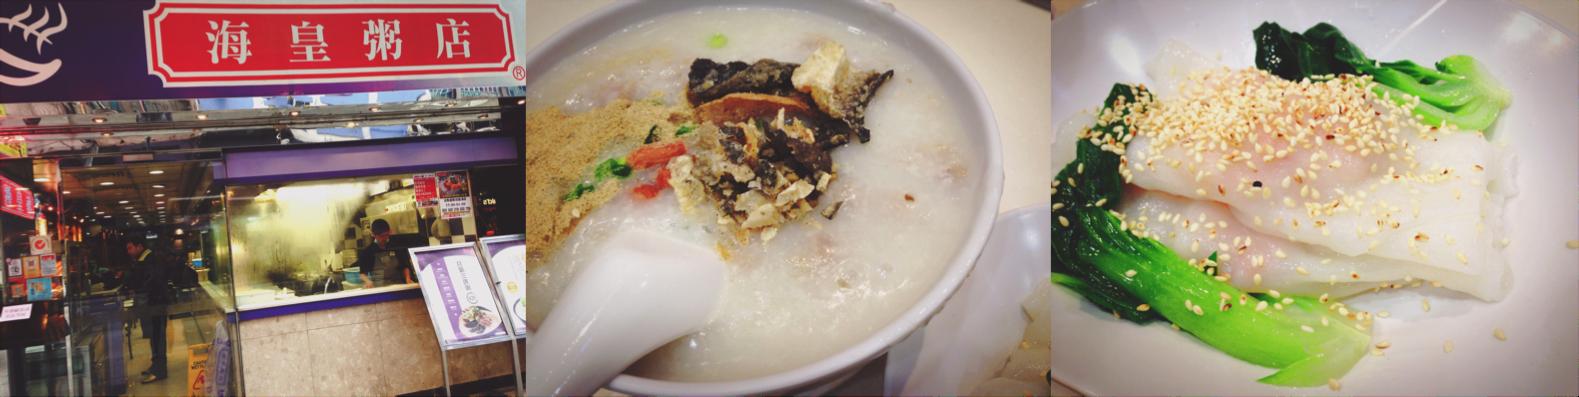 Ocean Empire Food Shop Yau Ma Tei Hong Kong